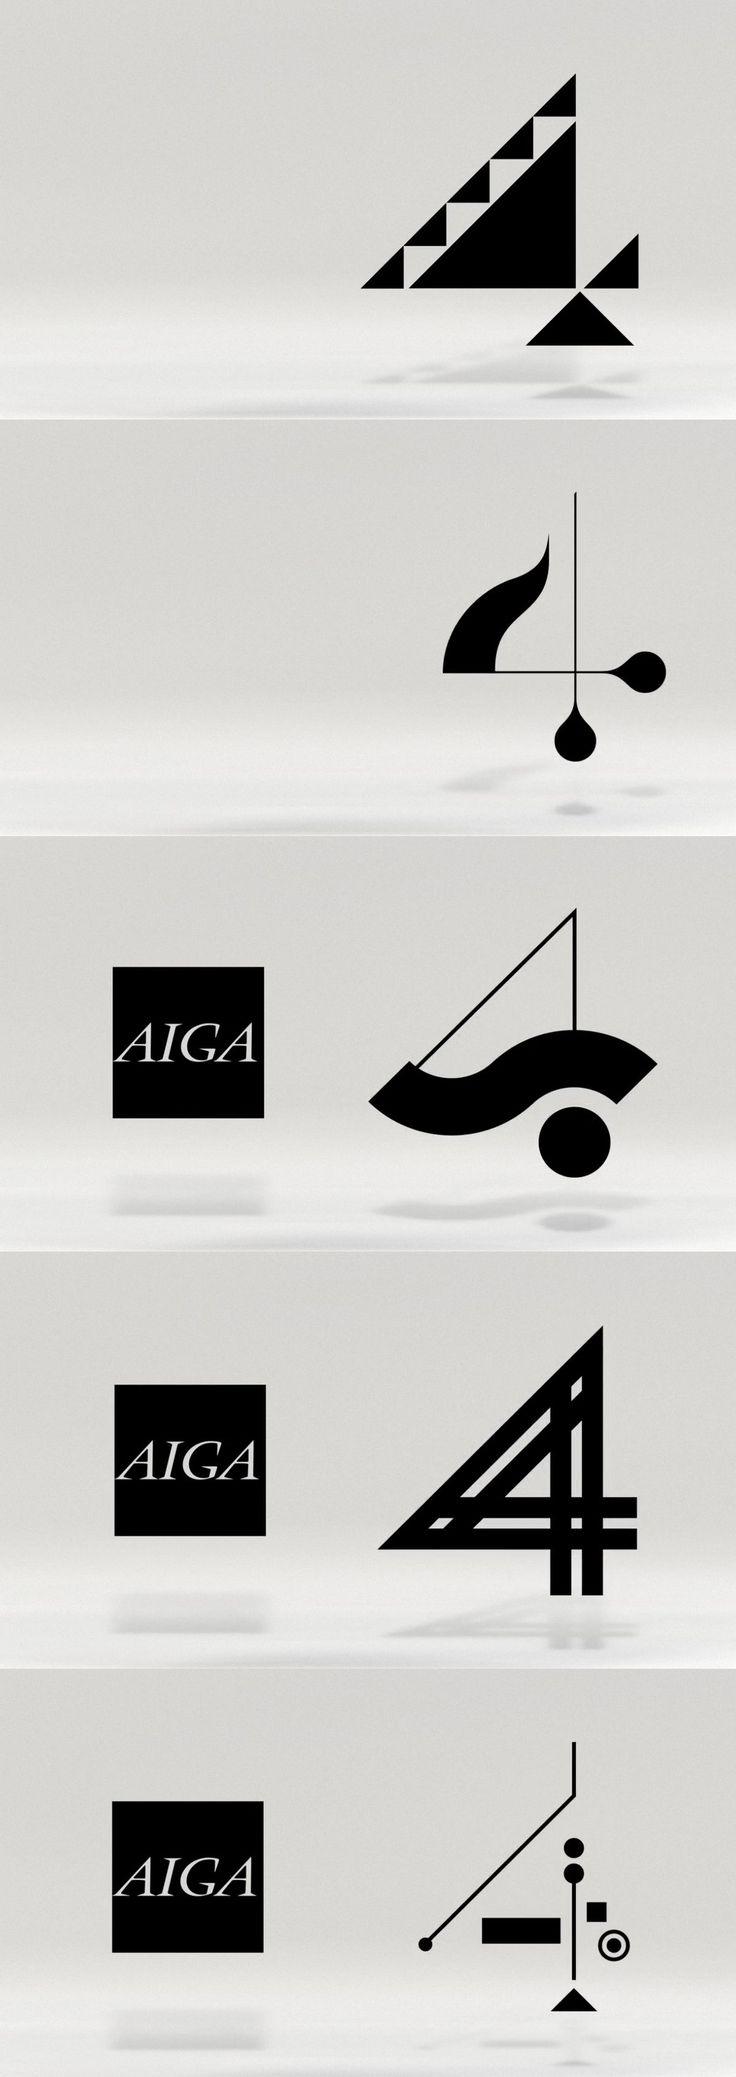 a4076fadd770a88ee4297ea2a8458ba6.jpg 1,200×3,387 ピクセル